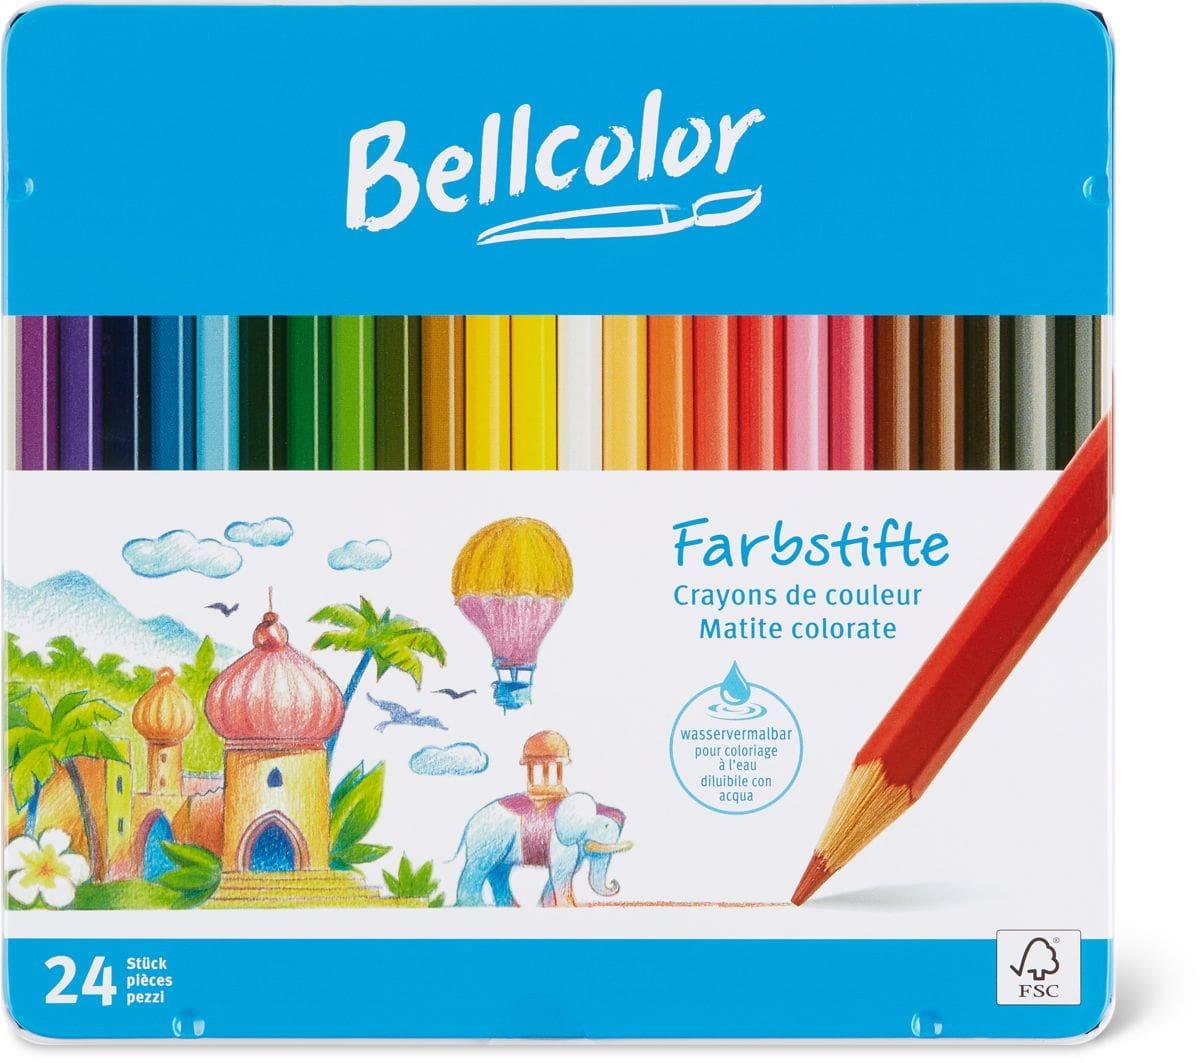 Bellcolor Farbstifte